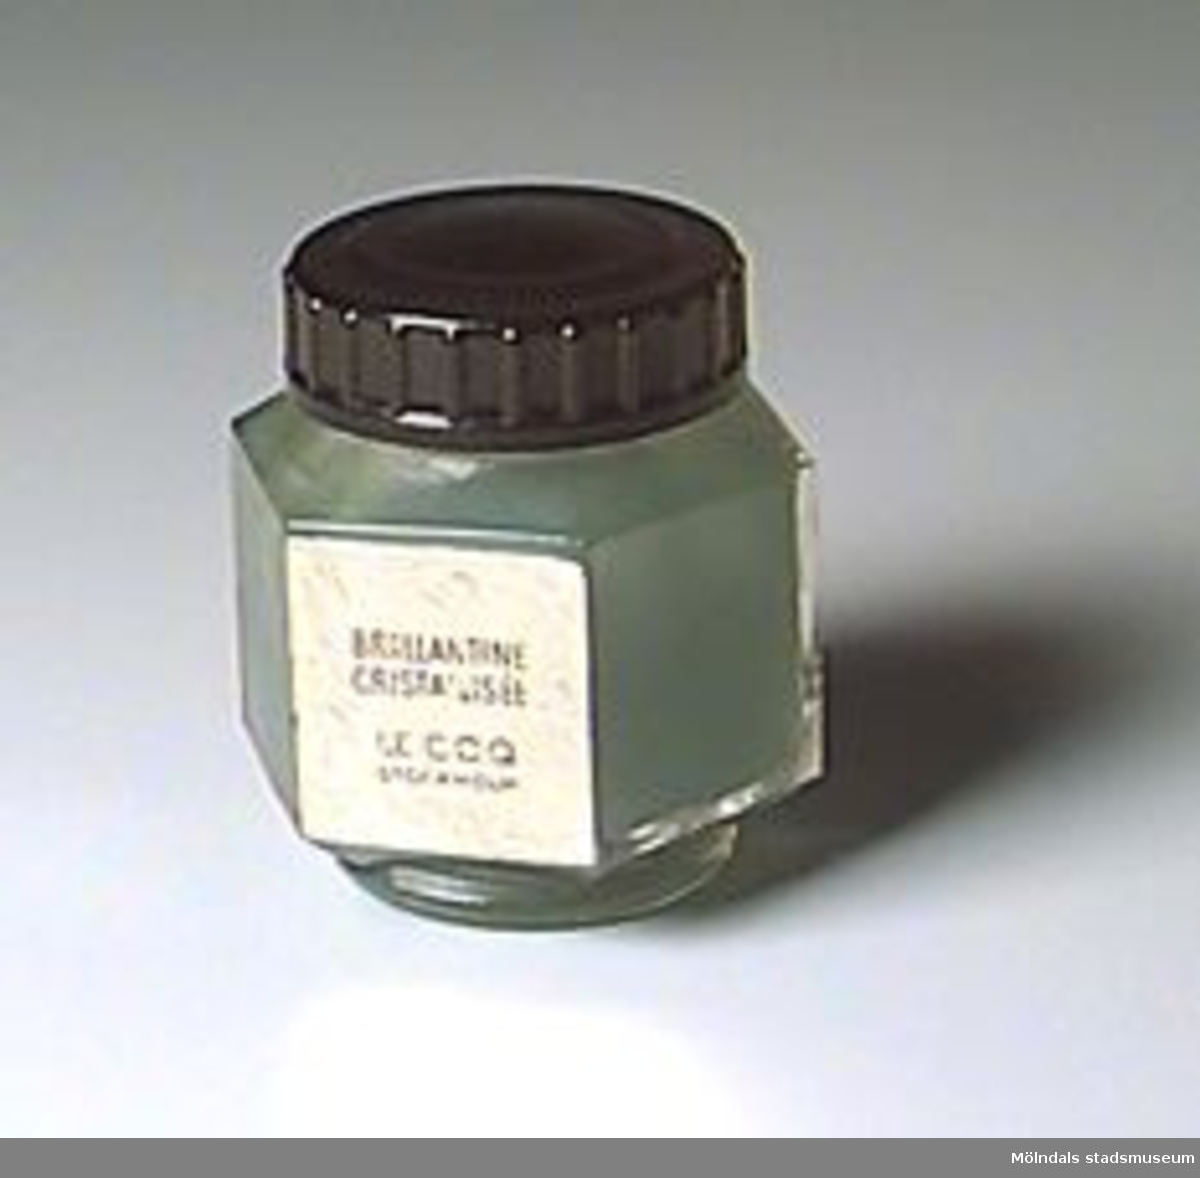 """Sexkantig glasburk med rund fot, svart skruvlock. Innehåller grön pomada. Etikett i guld: """"Brillantine Cristallisée/ Le coq/ Stockholm"""". Pris enligt prislapp: 4,75 kr.Kjellberg arbetade i väveriet på Mölnlycke fabriker 1916-1969."""